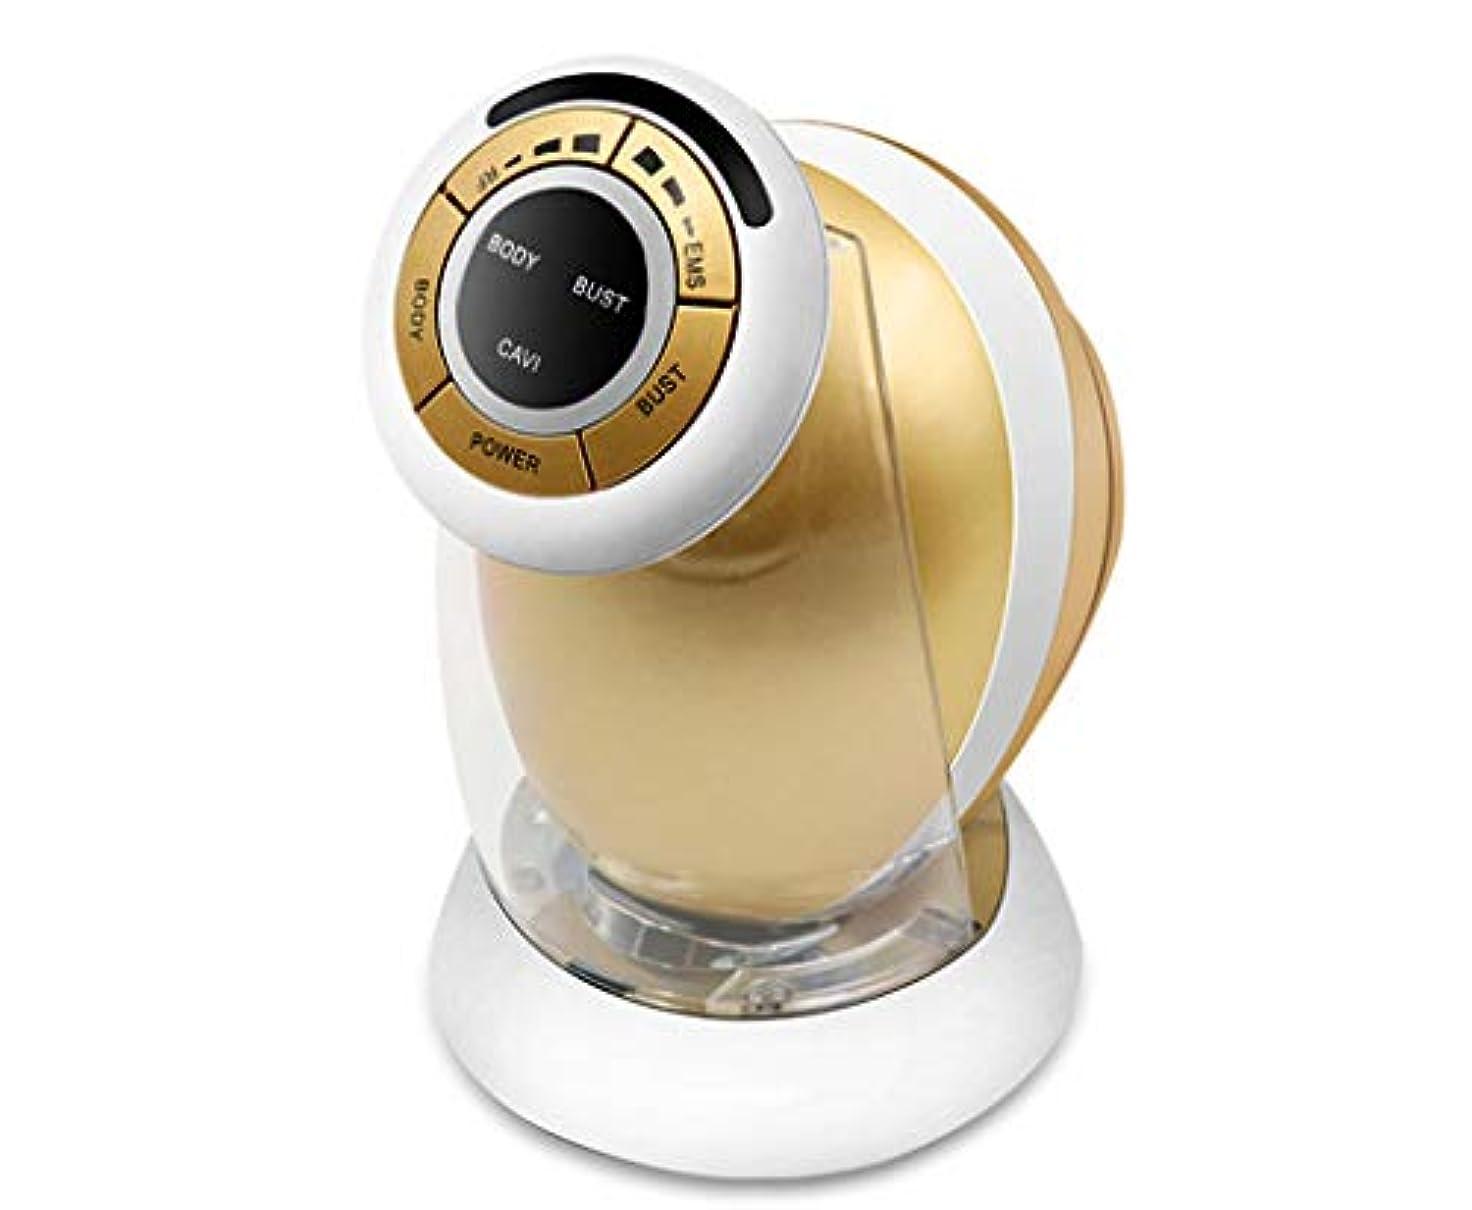 居心地の良いモンク冷淡な体重減少計、携帯型減量装置、ボディマッサージスリミングマシン、セルライト除去用脂肪減量防水+充電式